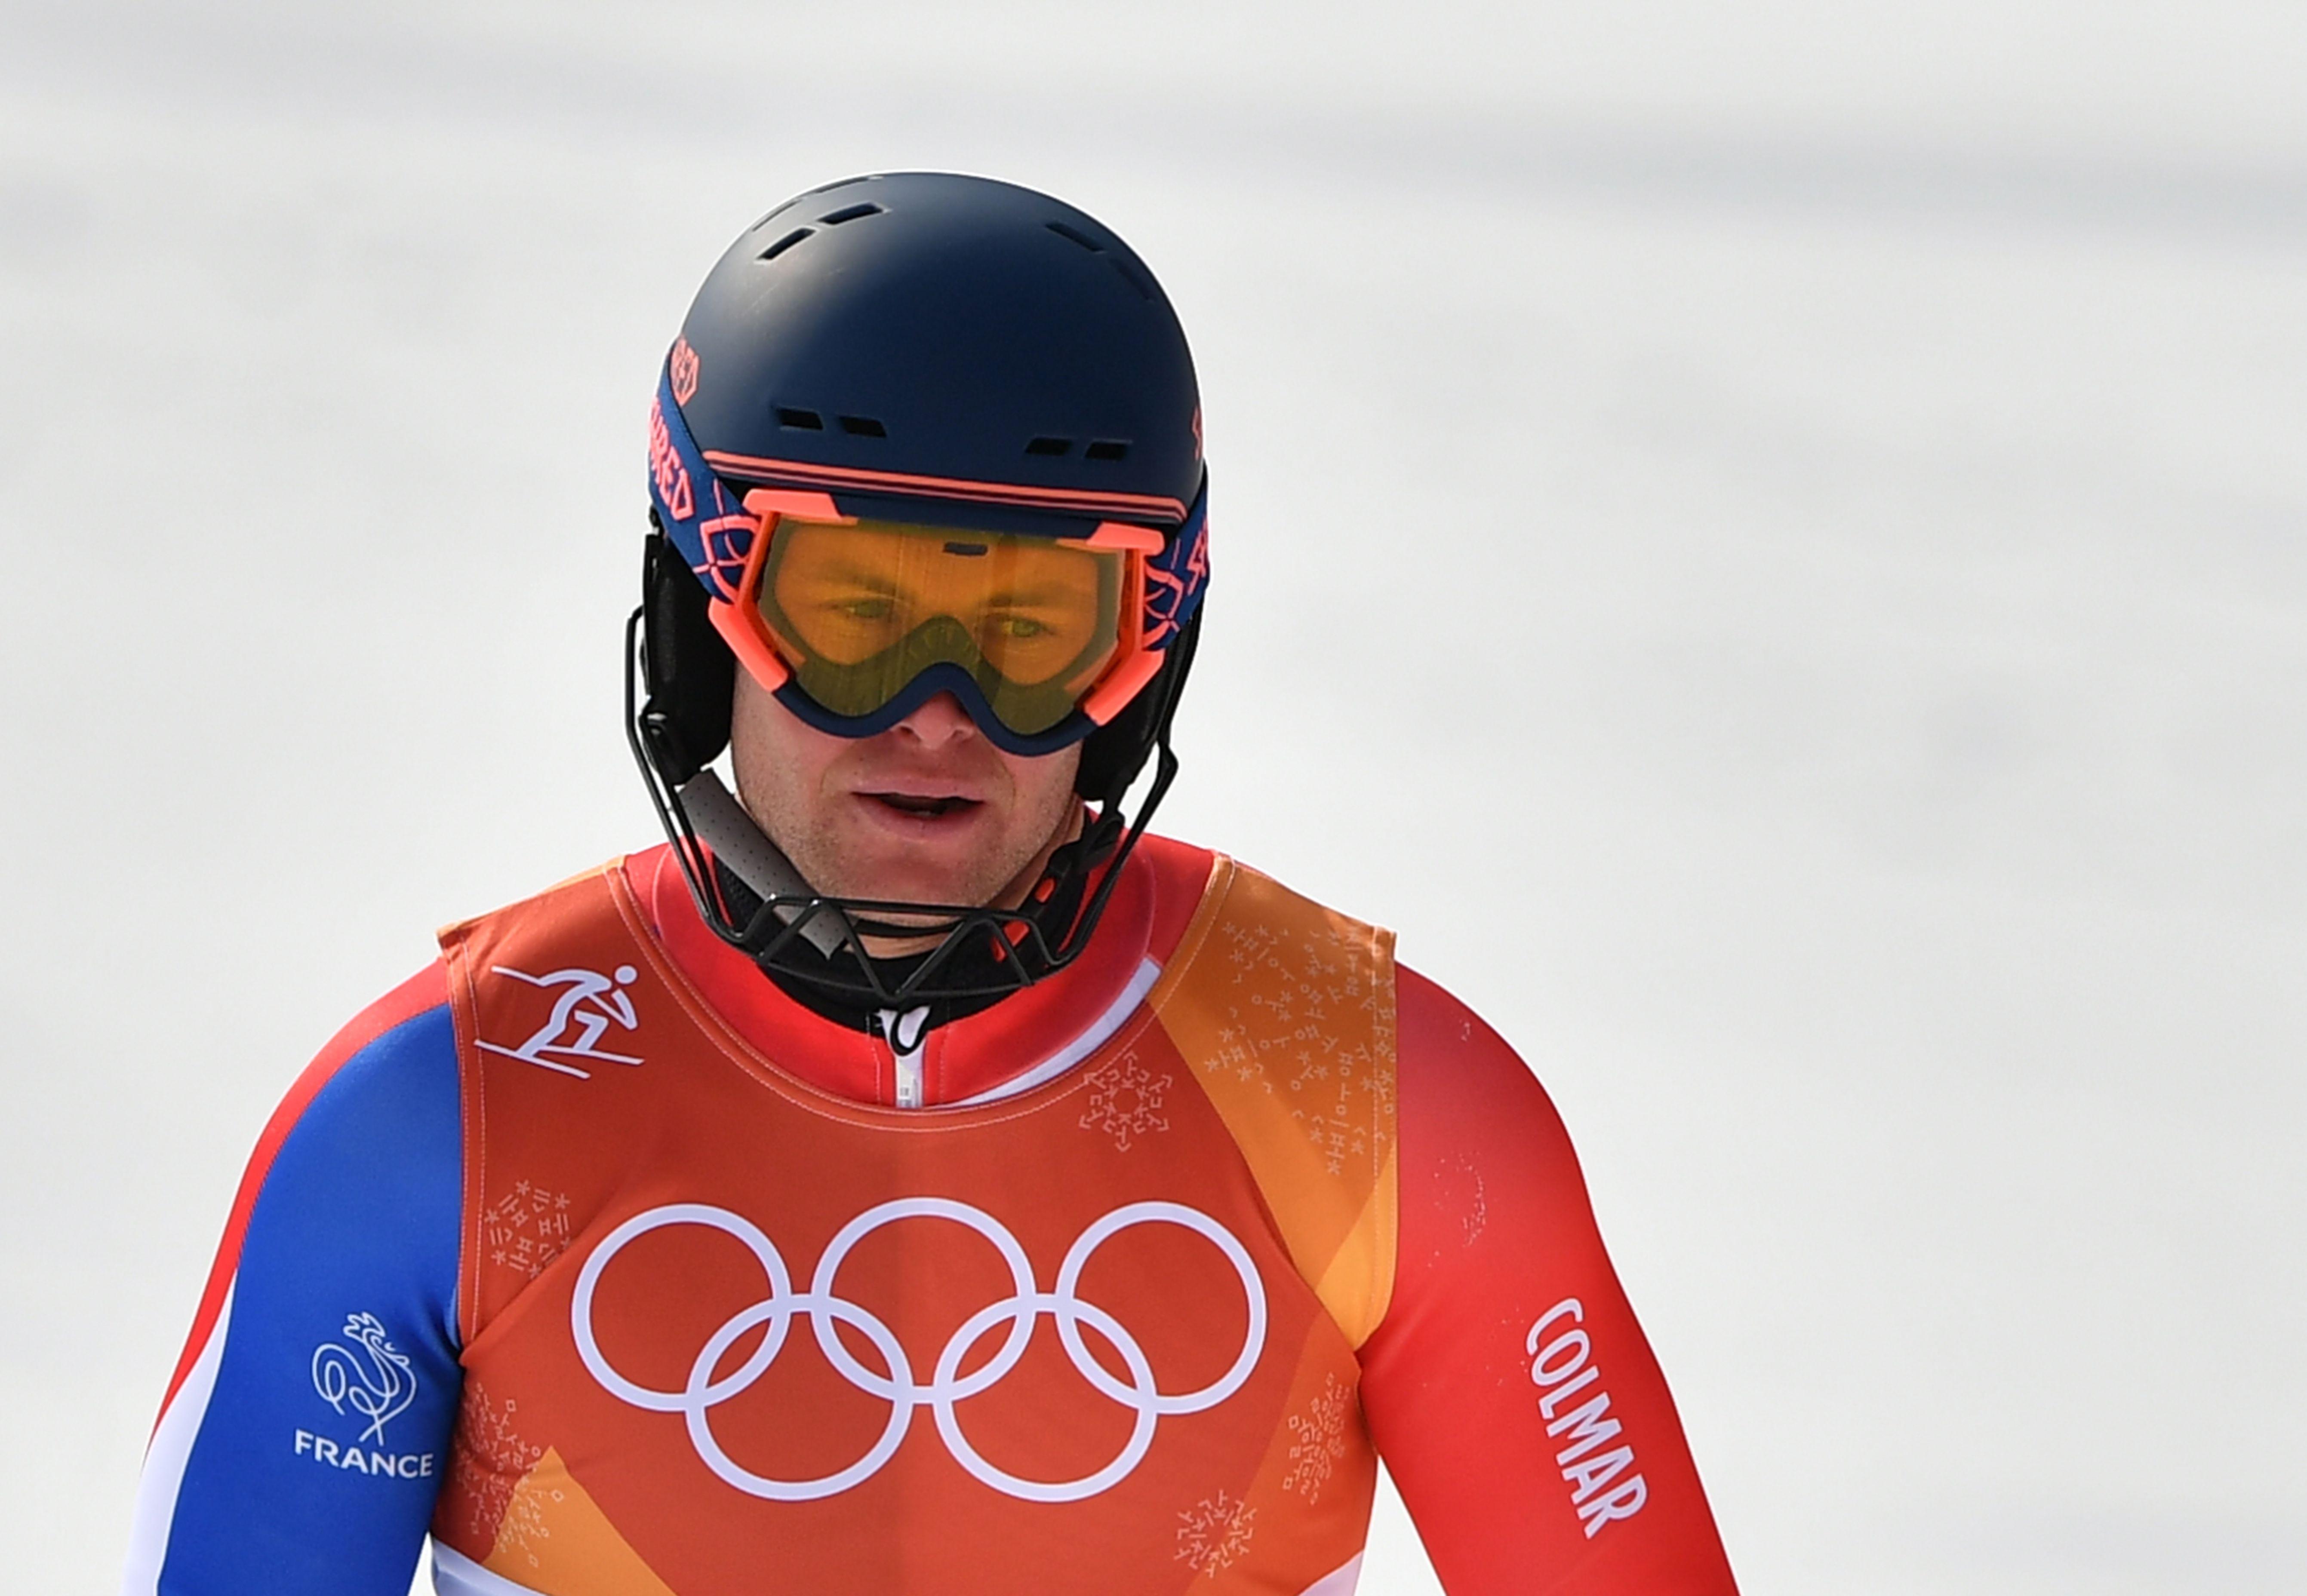 Jeux olympiques - Pyeongchang 2018 - JO 2018 : Les Français empilés au pied du podium en slalom